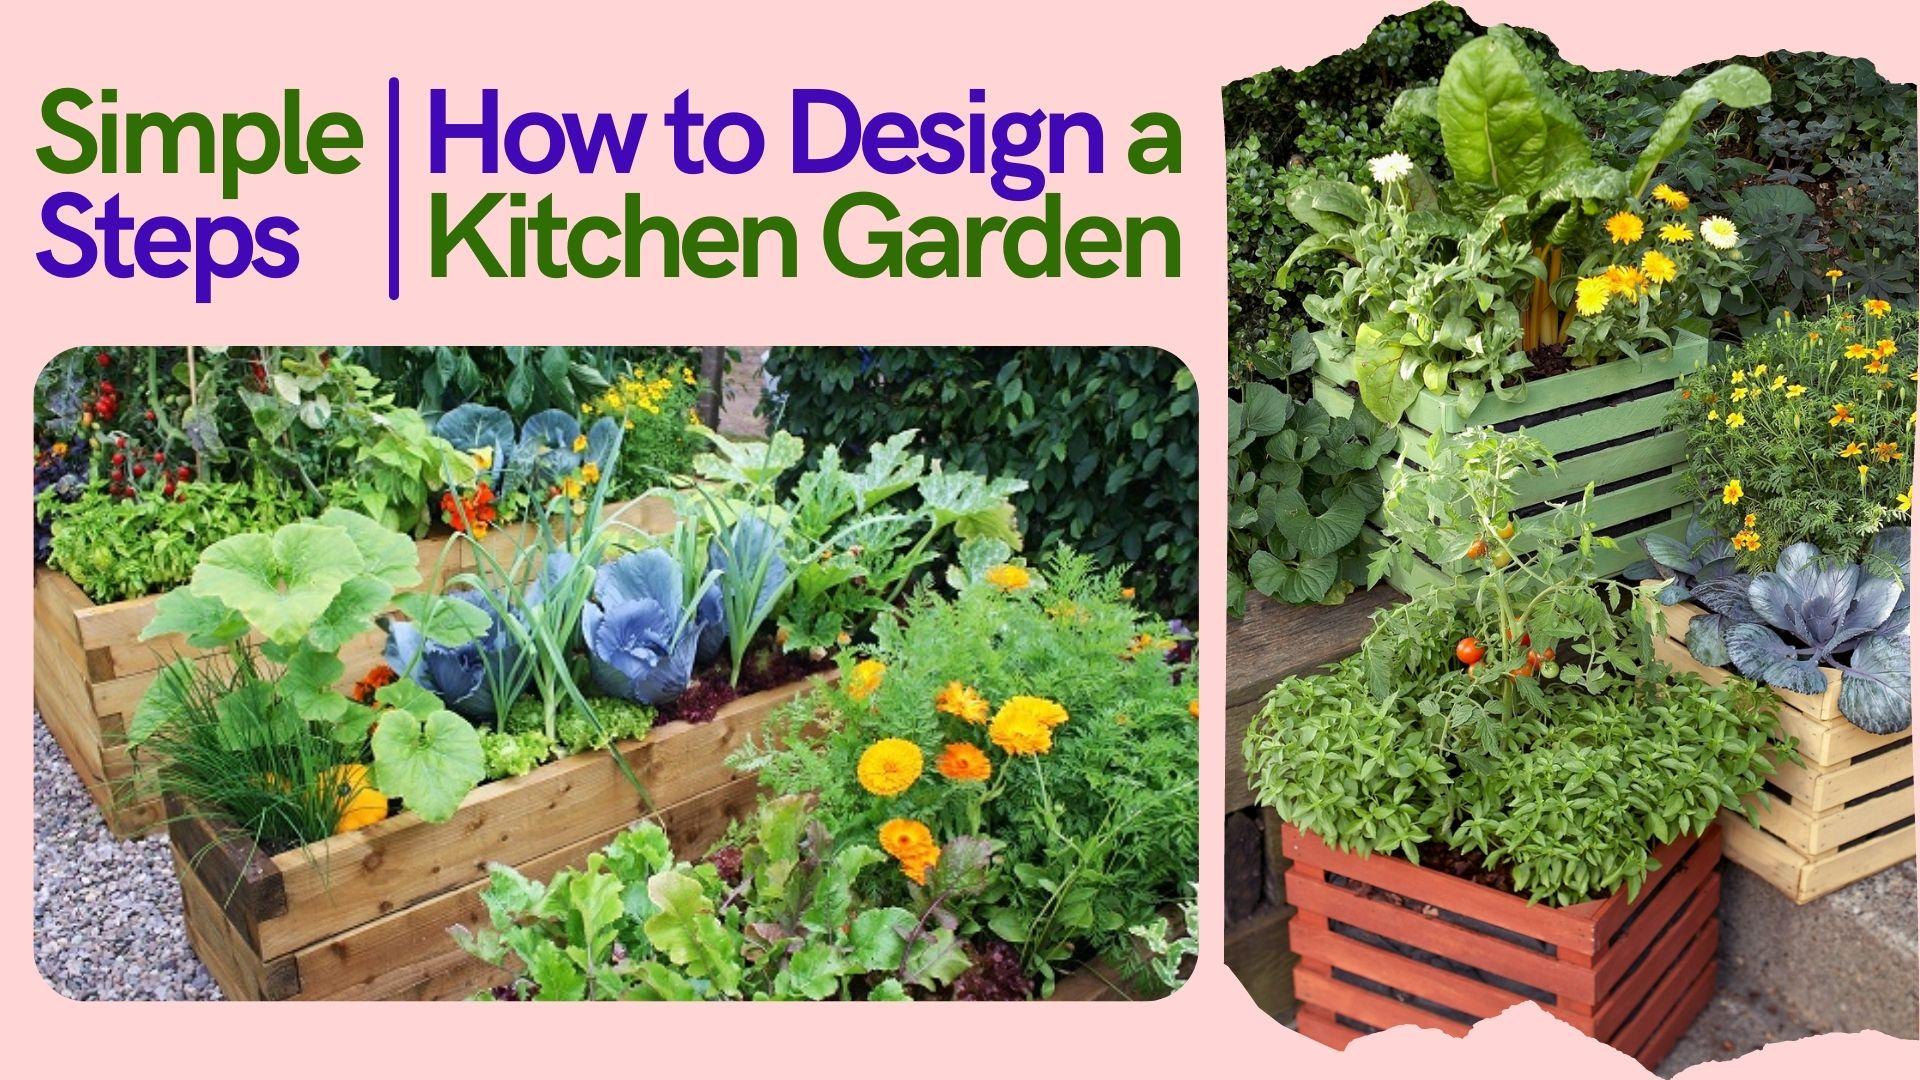 What Is Kitchen Garden?